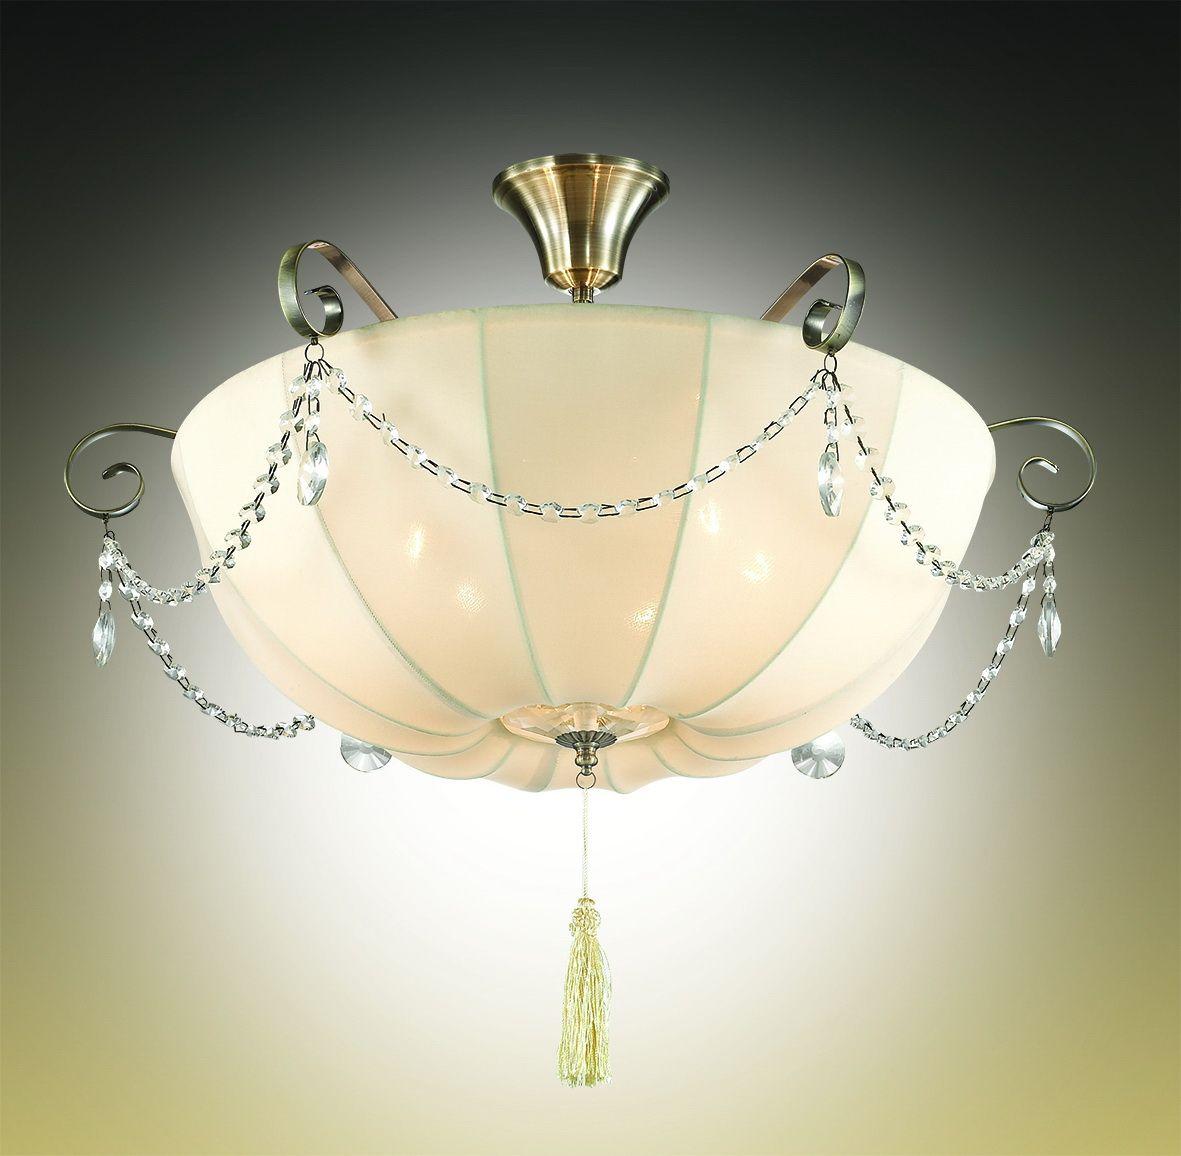 Светильник потолочный Odeon Light Alfano, 6 х E14, 40W. 2921/6C2921/6C